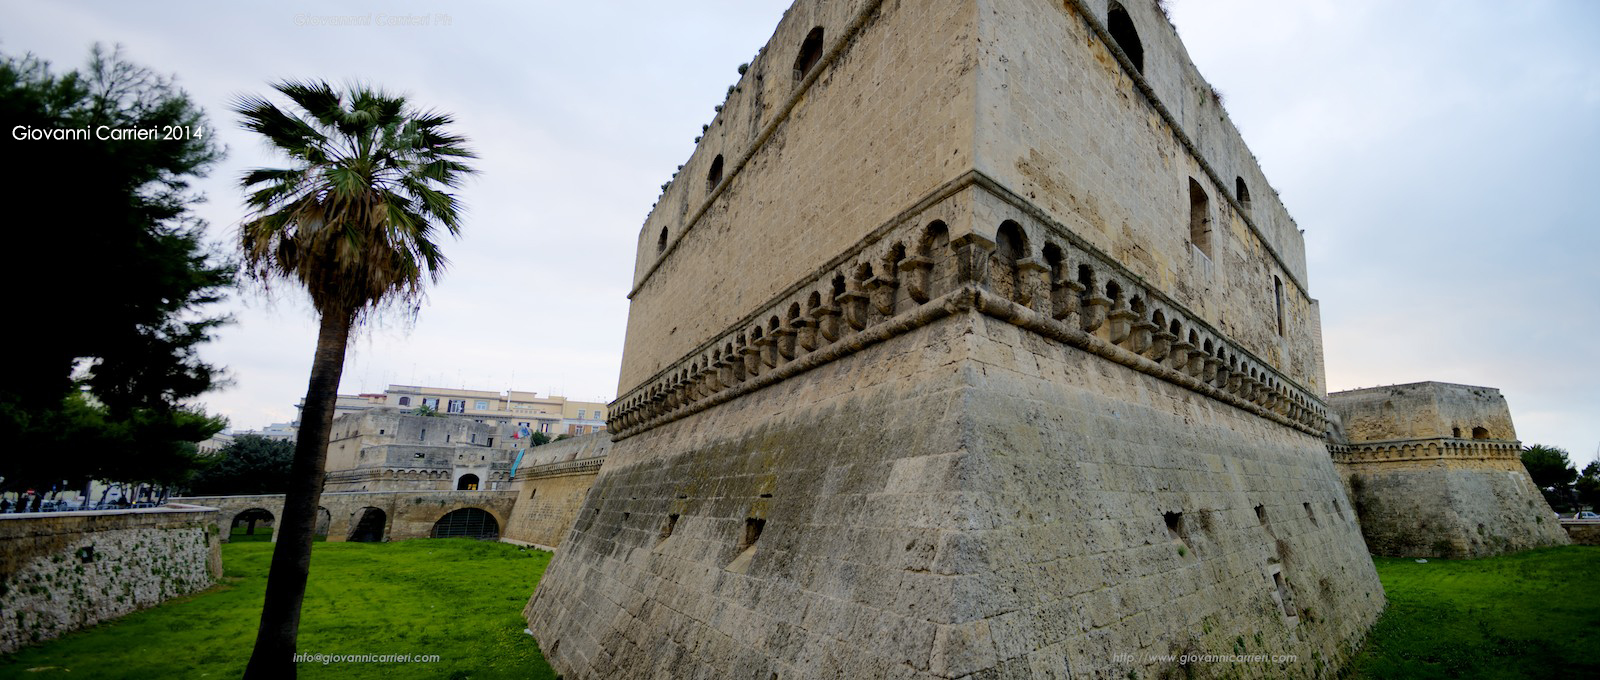 Dettaglio del castello Nomanno-Svevo, Bari